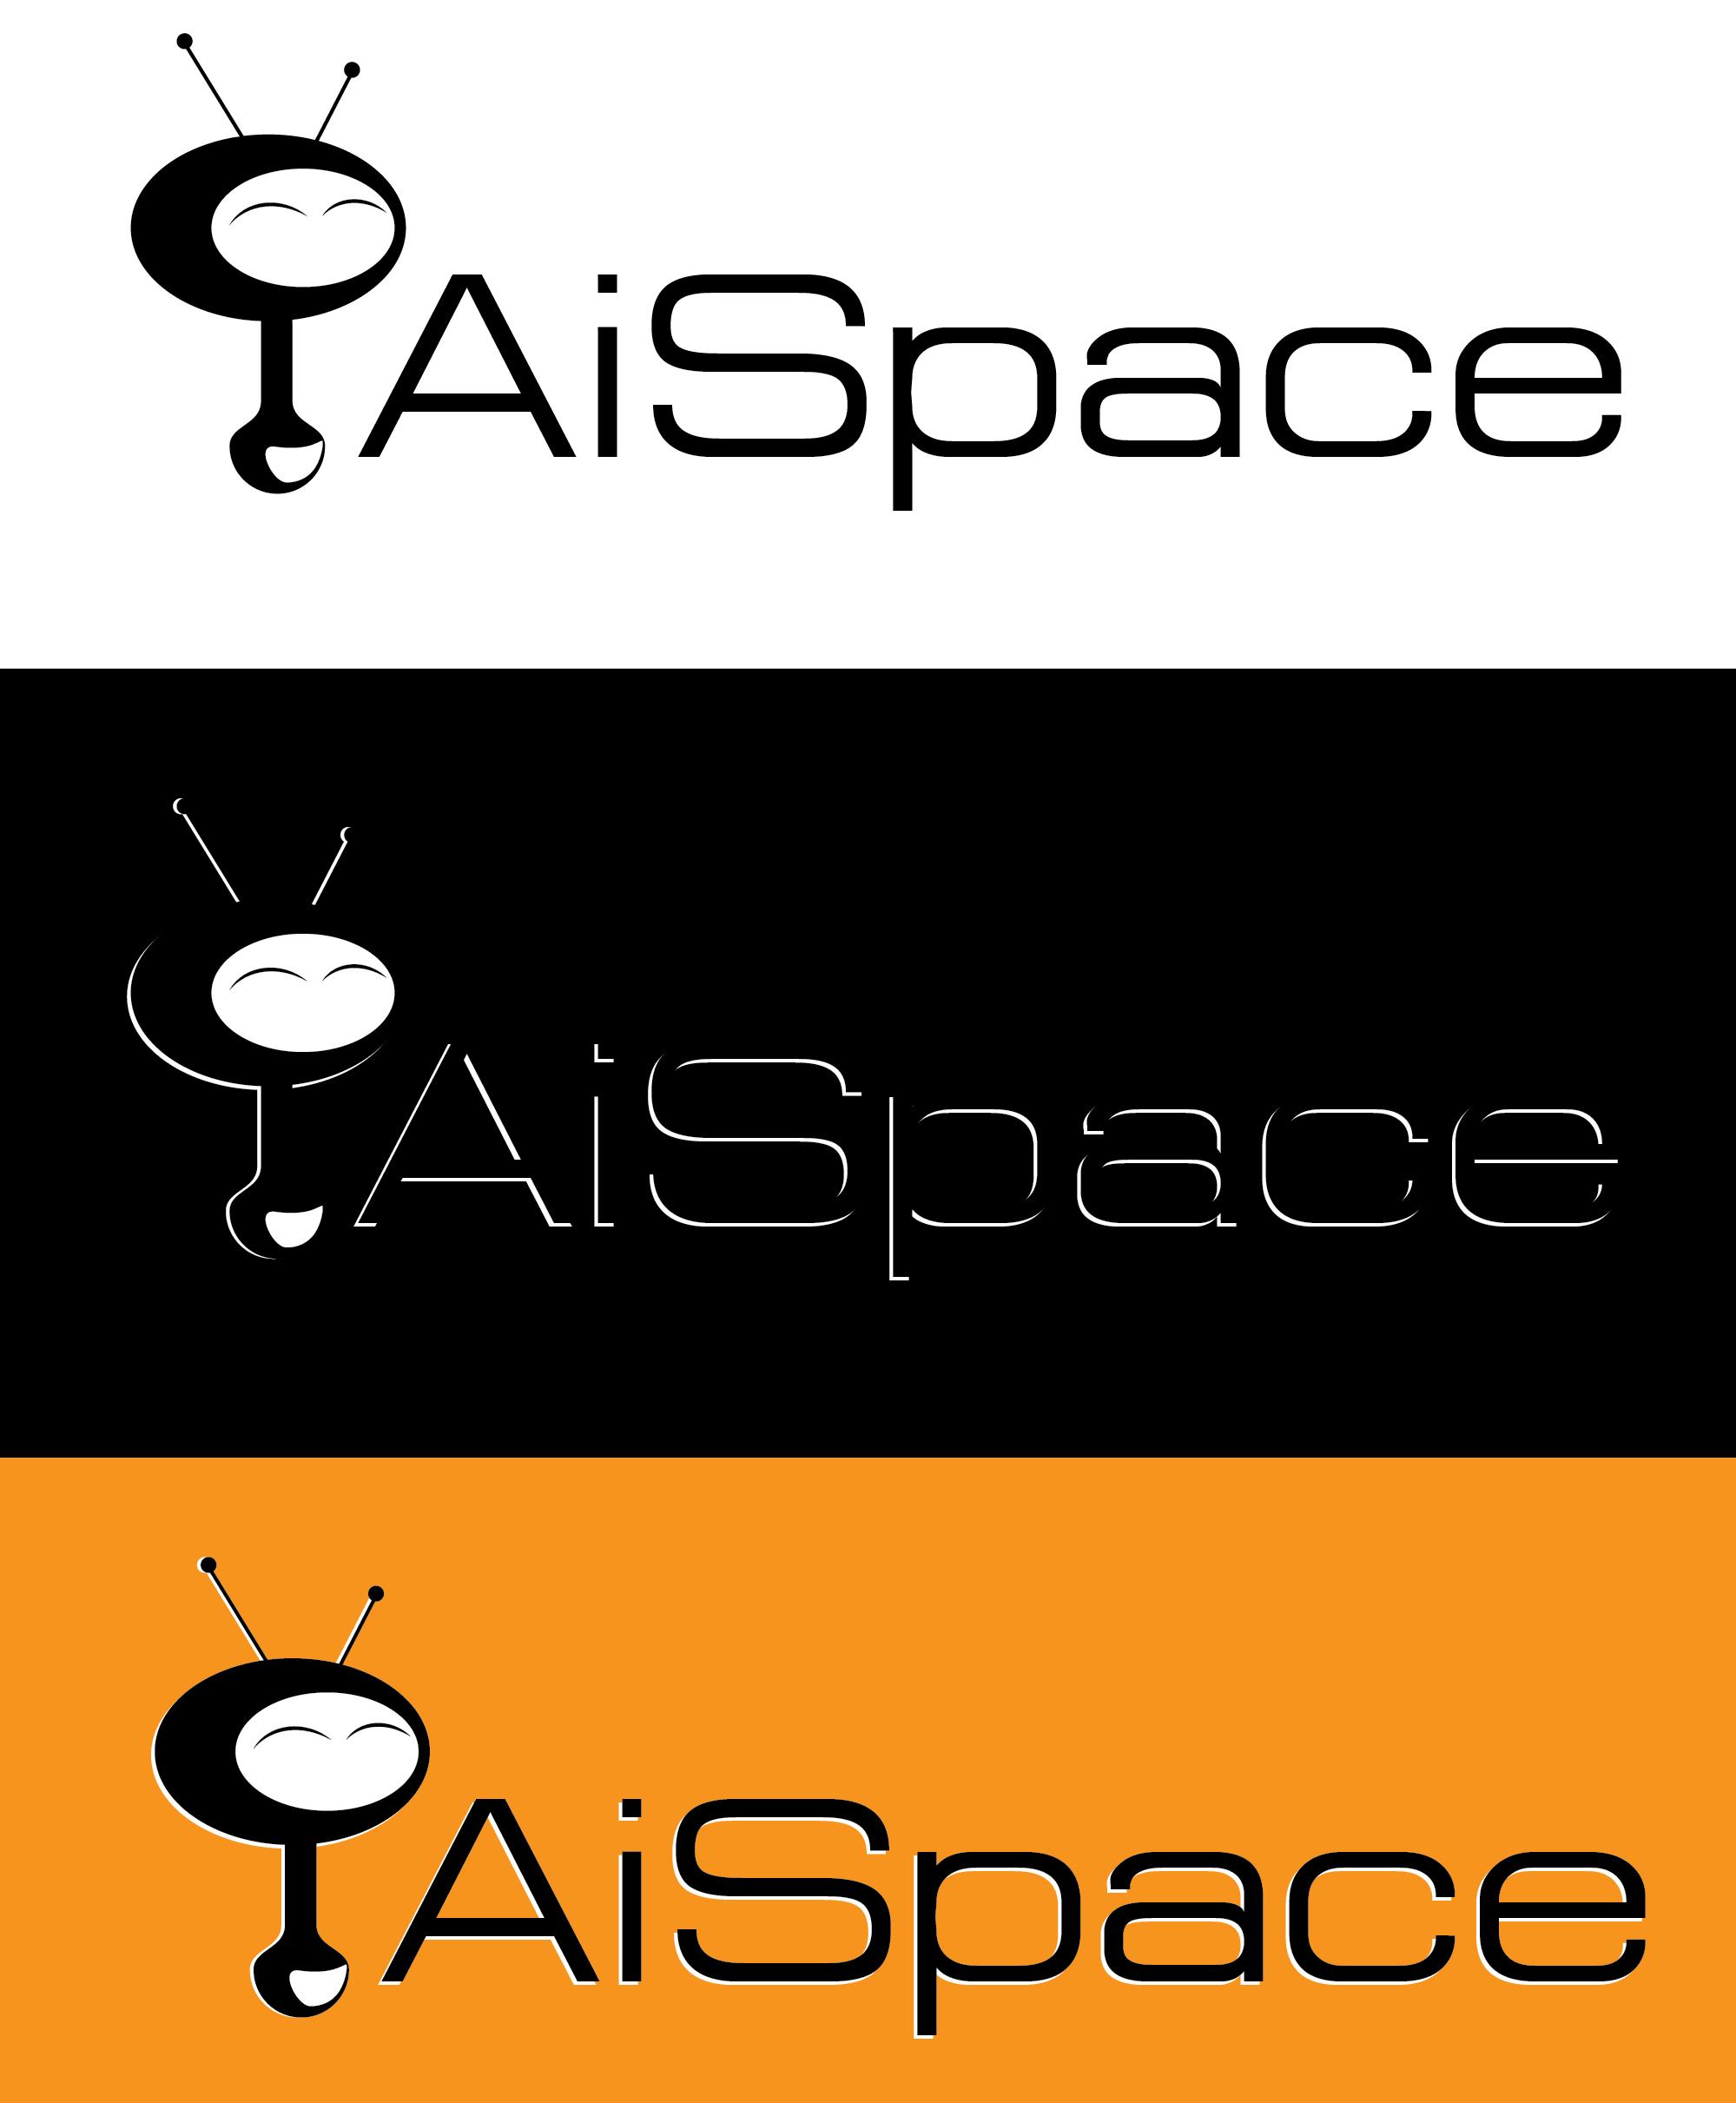 Разработать логотип и фирменный стиль для компании AiSpace фото f_33851b1a1fd960a4.jpg